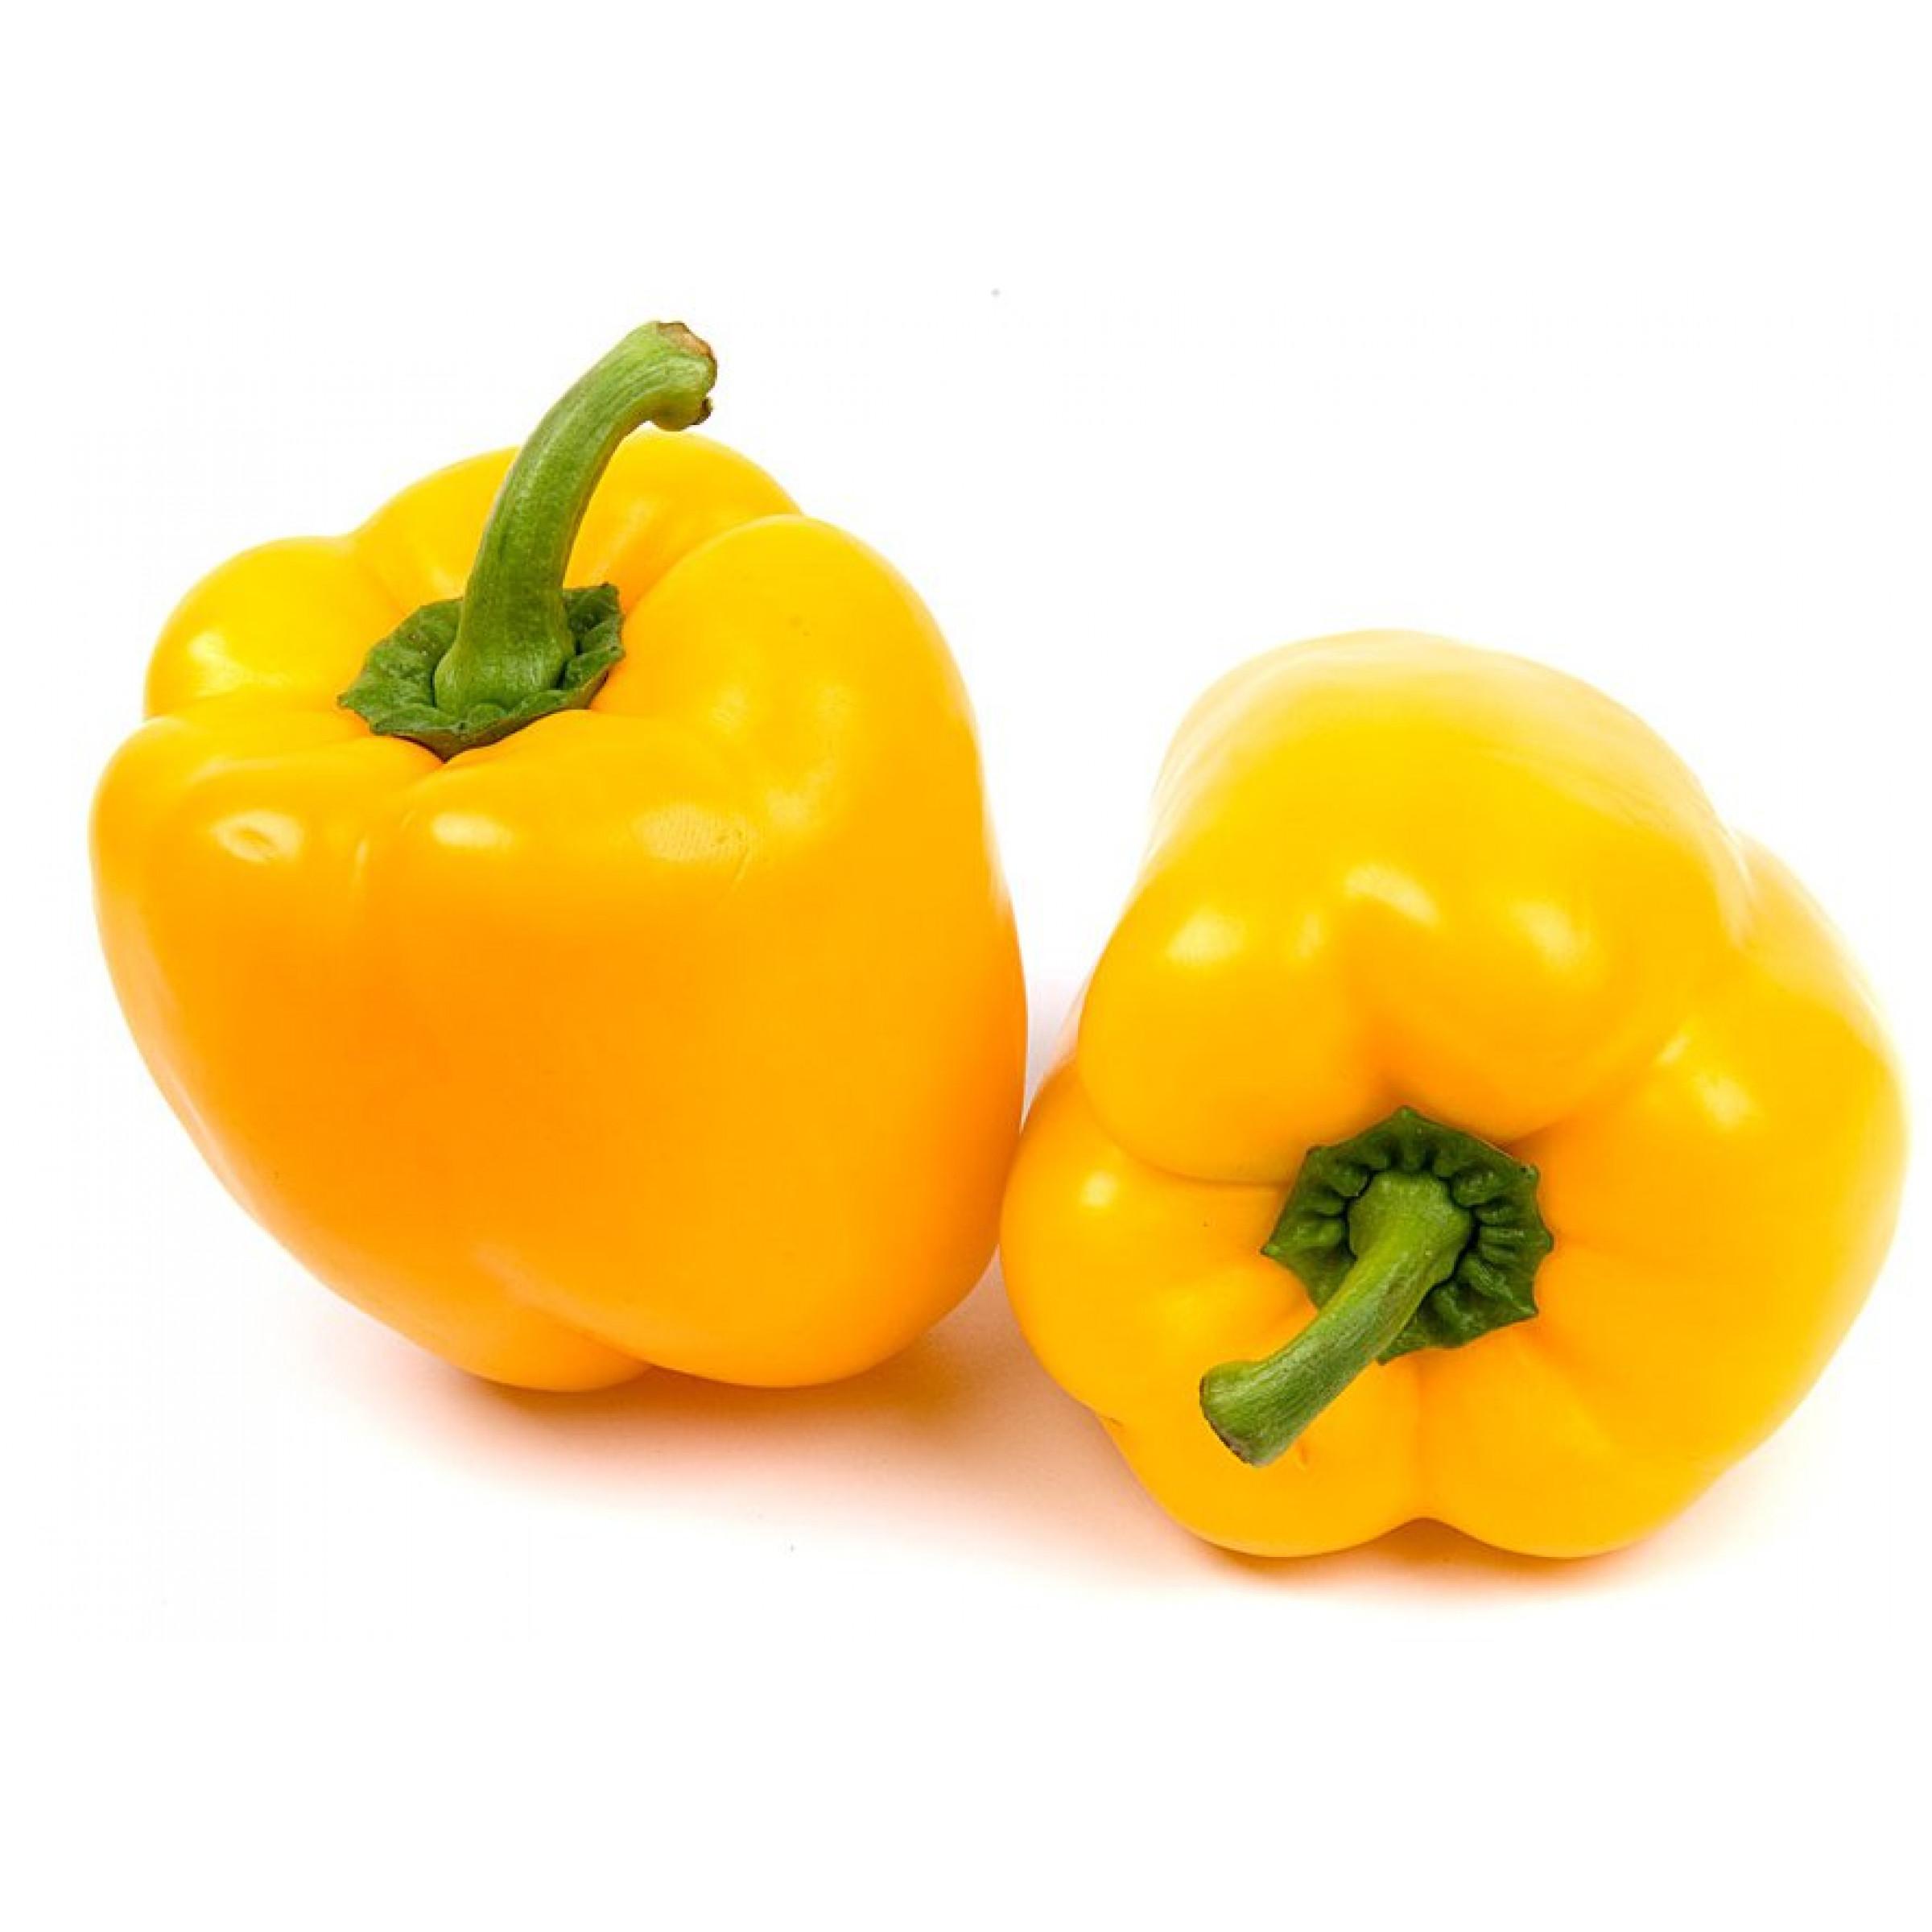 Перец болгарский желтый импортный весовой, средний вес 400 гр